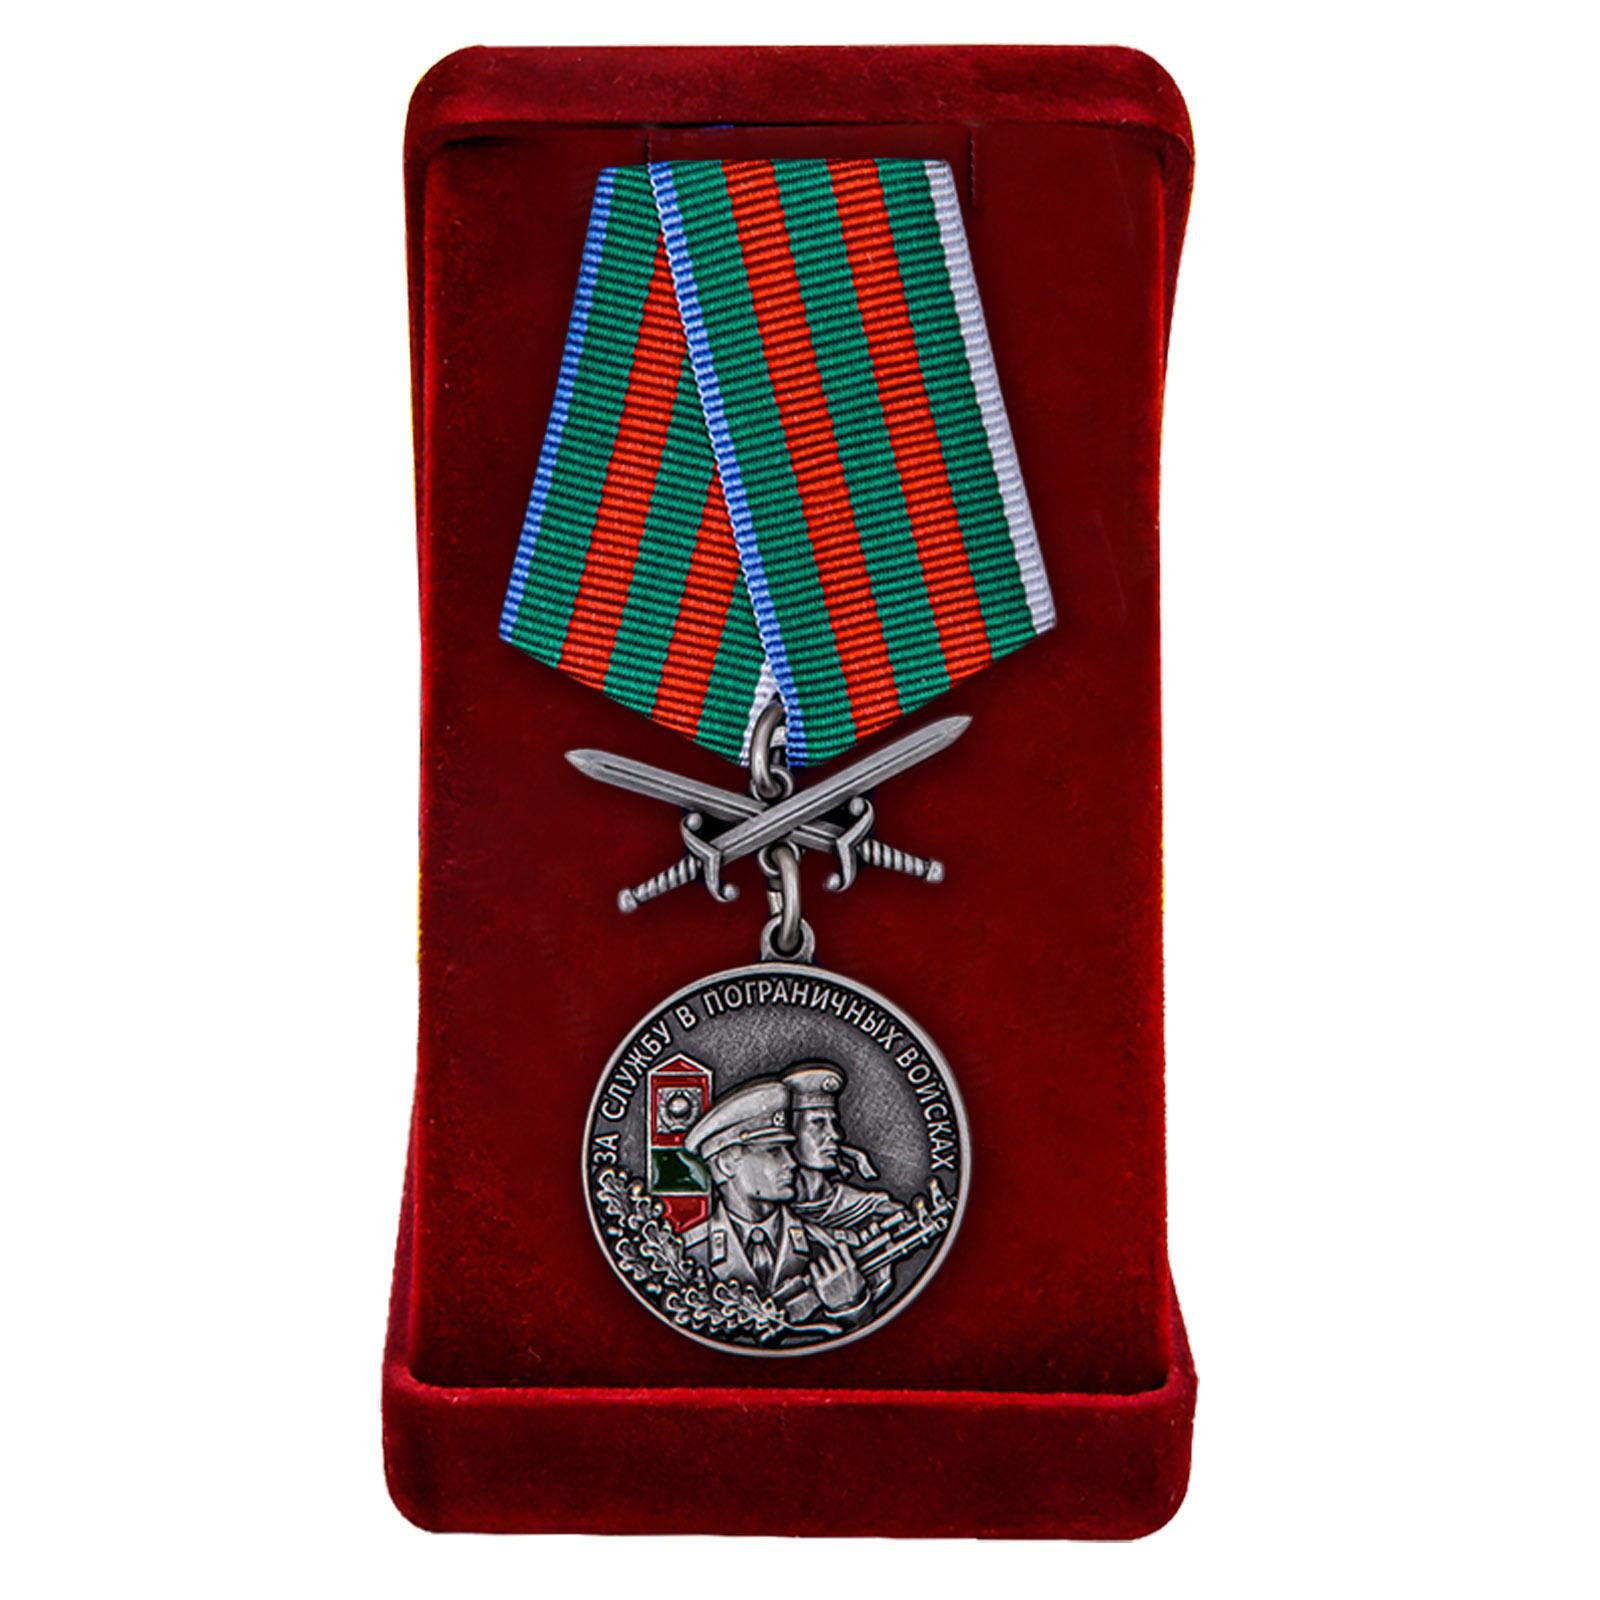 Купить памятную медаль За службу в Пограничных войсках в подарок выгодно